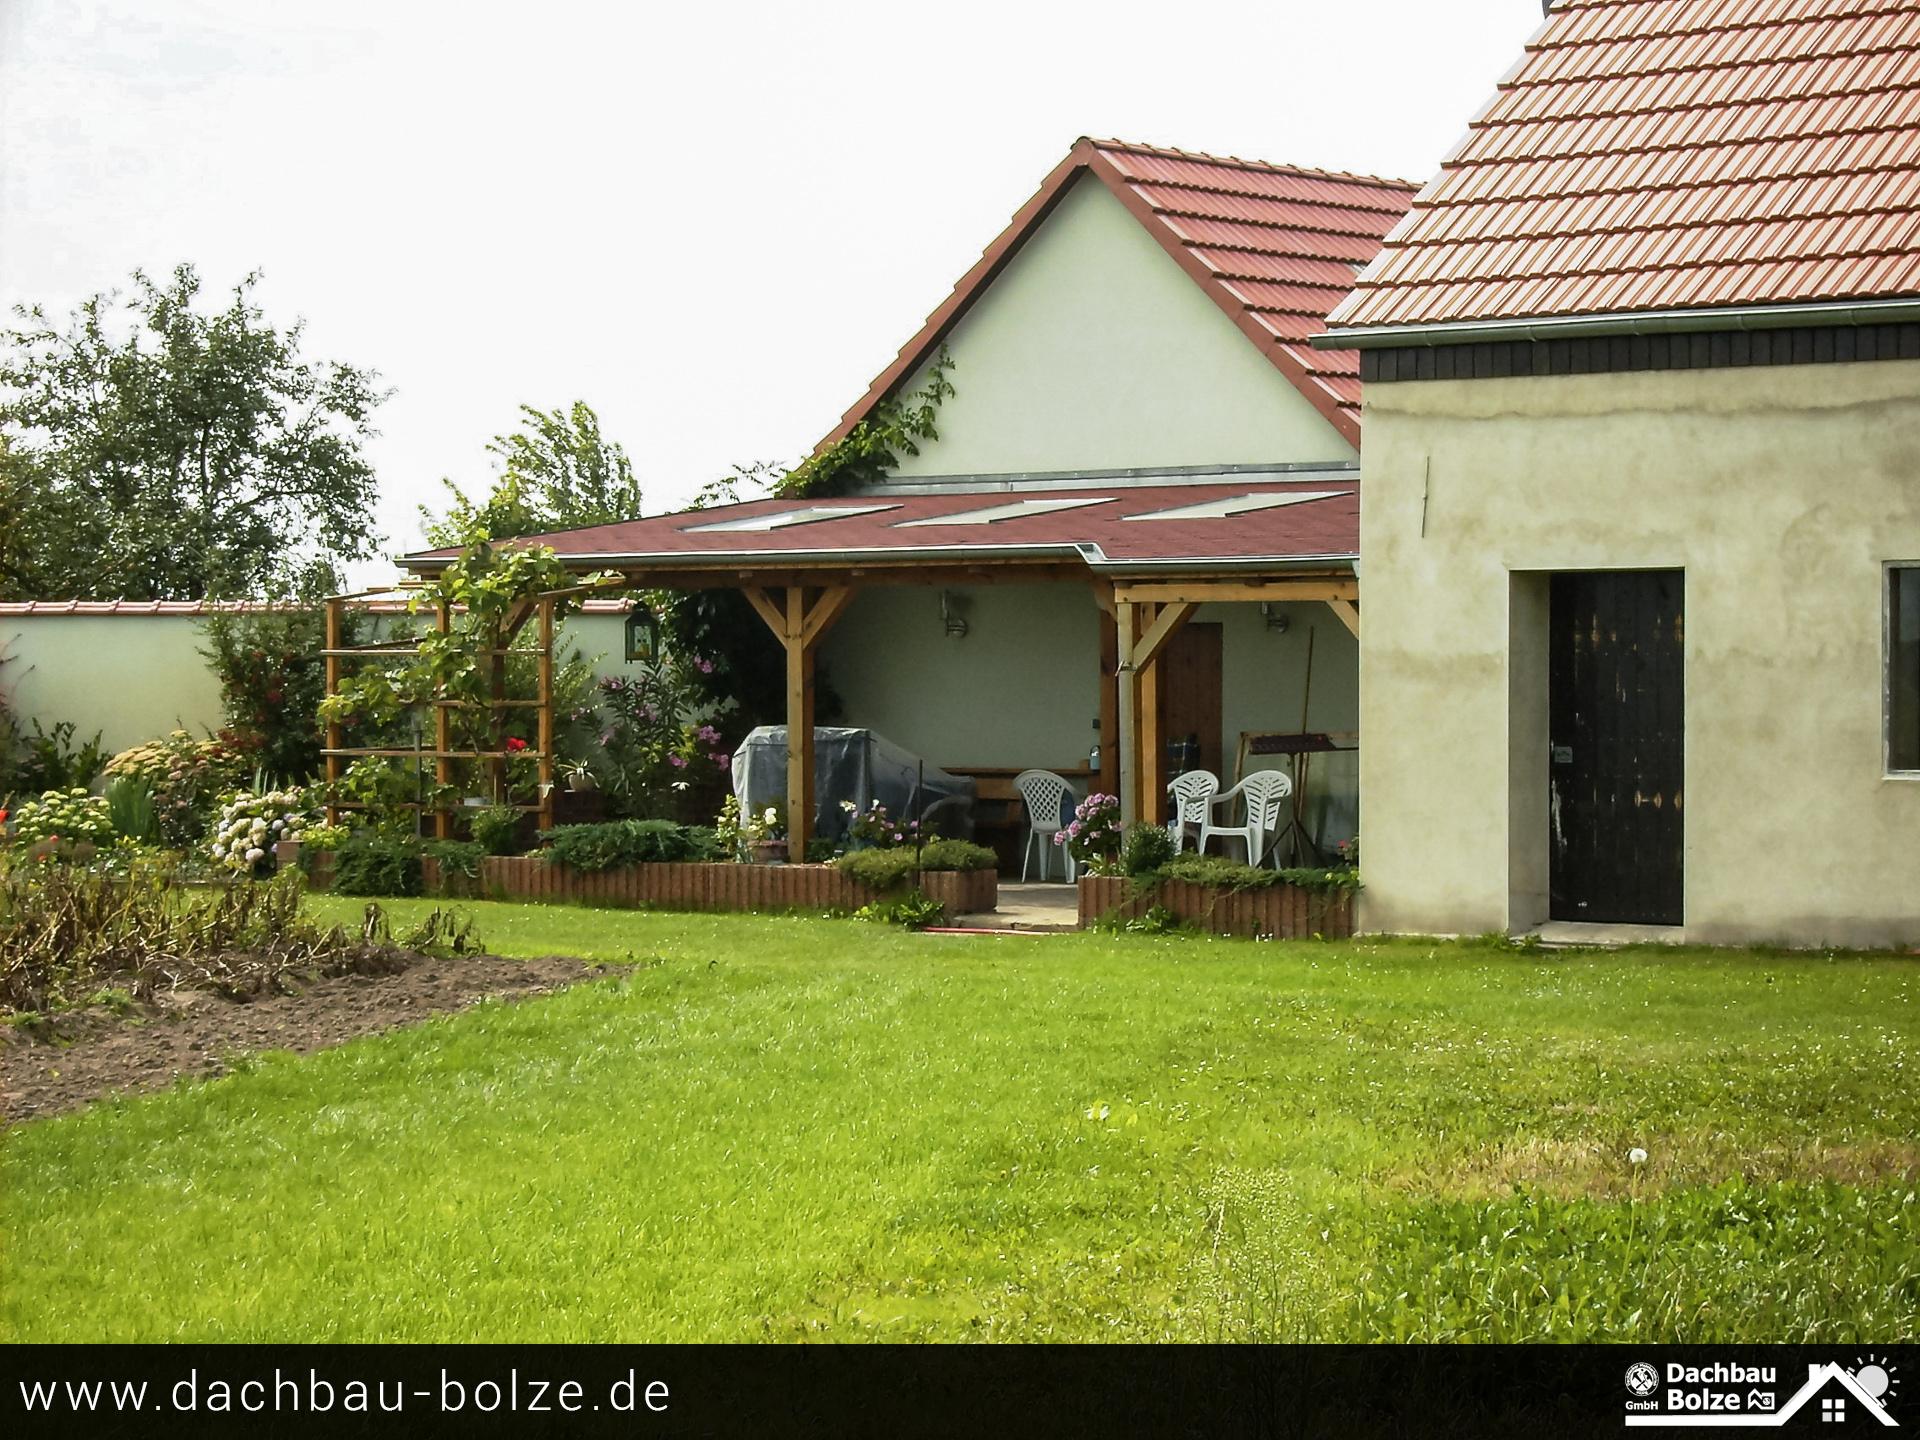 Holzbau & Dacheindeckung Dachbau-Bolze